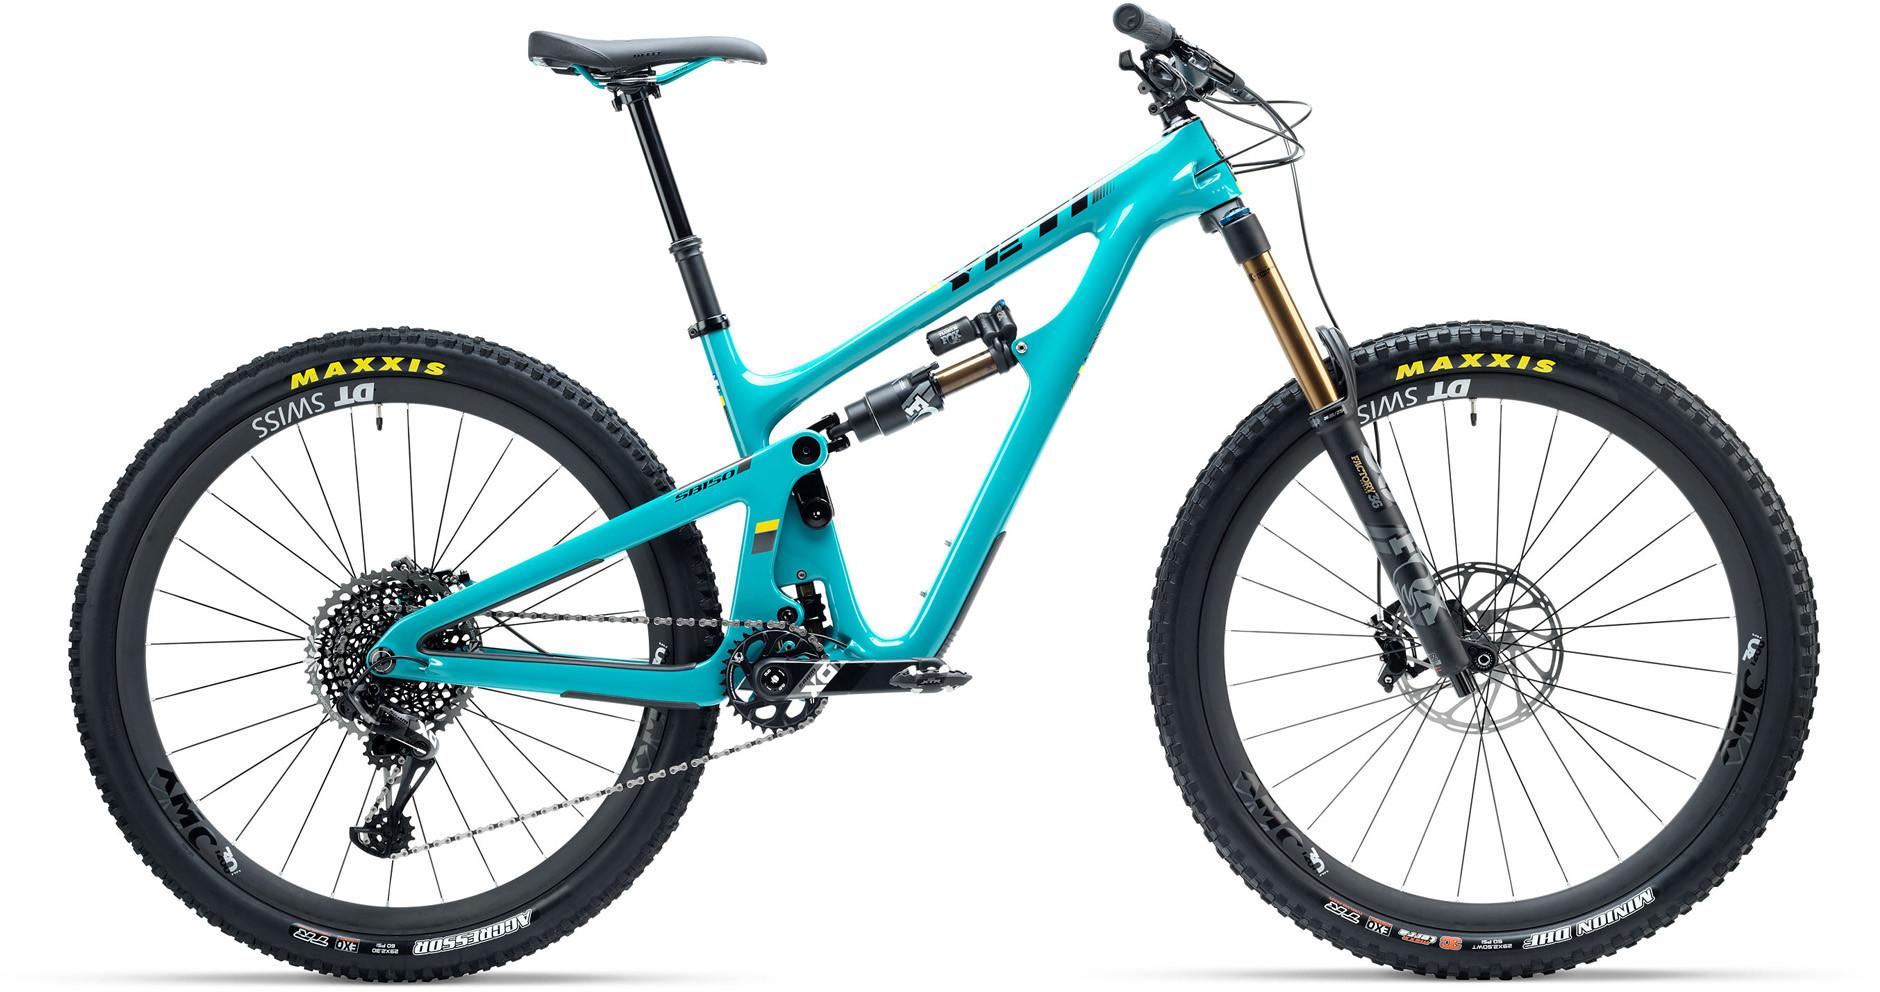 588fcd31e68 Yeti SB150 TURQ X01 Eagle 29er Mountain Bike 2019 Turquoise £7,199.00